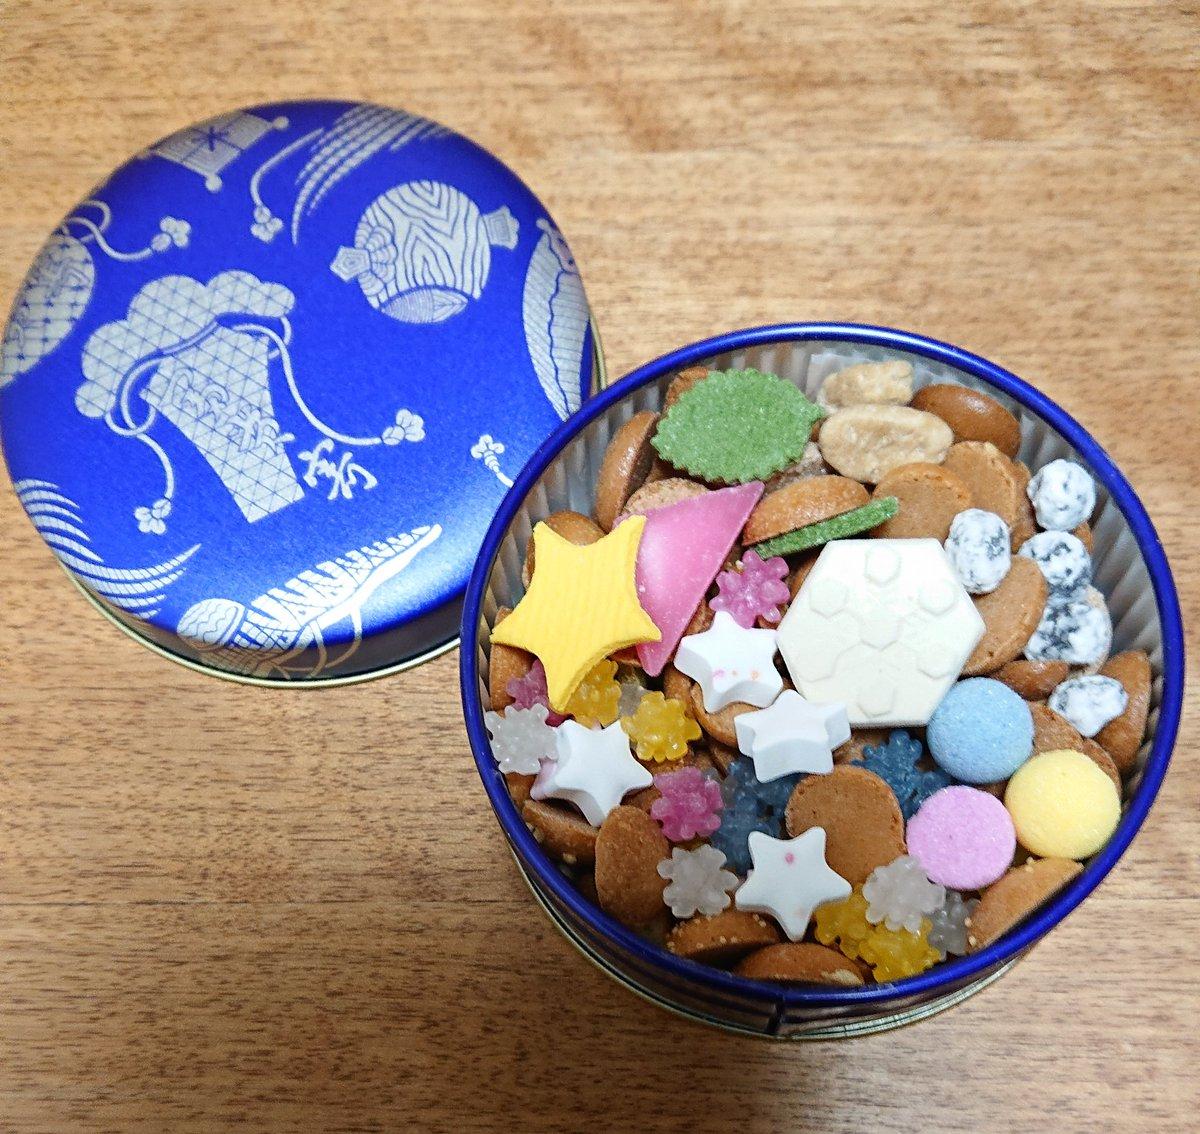 test ツイッターメディア - 頼んだら、娘が東京で買ってきてくれました。菊廼舎さんの冨貴寄の「聖夜」。   夢があります。何回食べても 美味しくて飽きないお菓子です。 https://t.co/9eaFKxmdv0